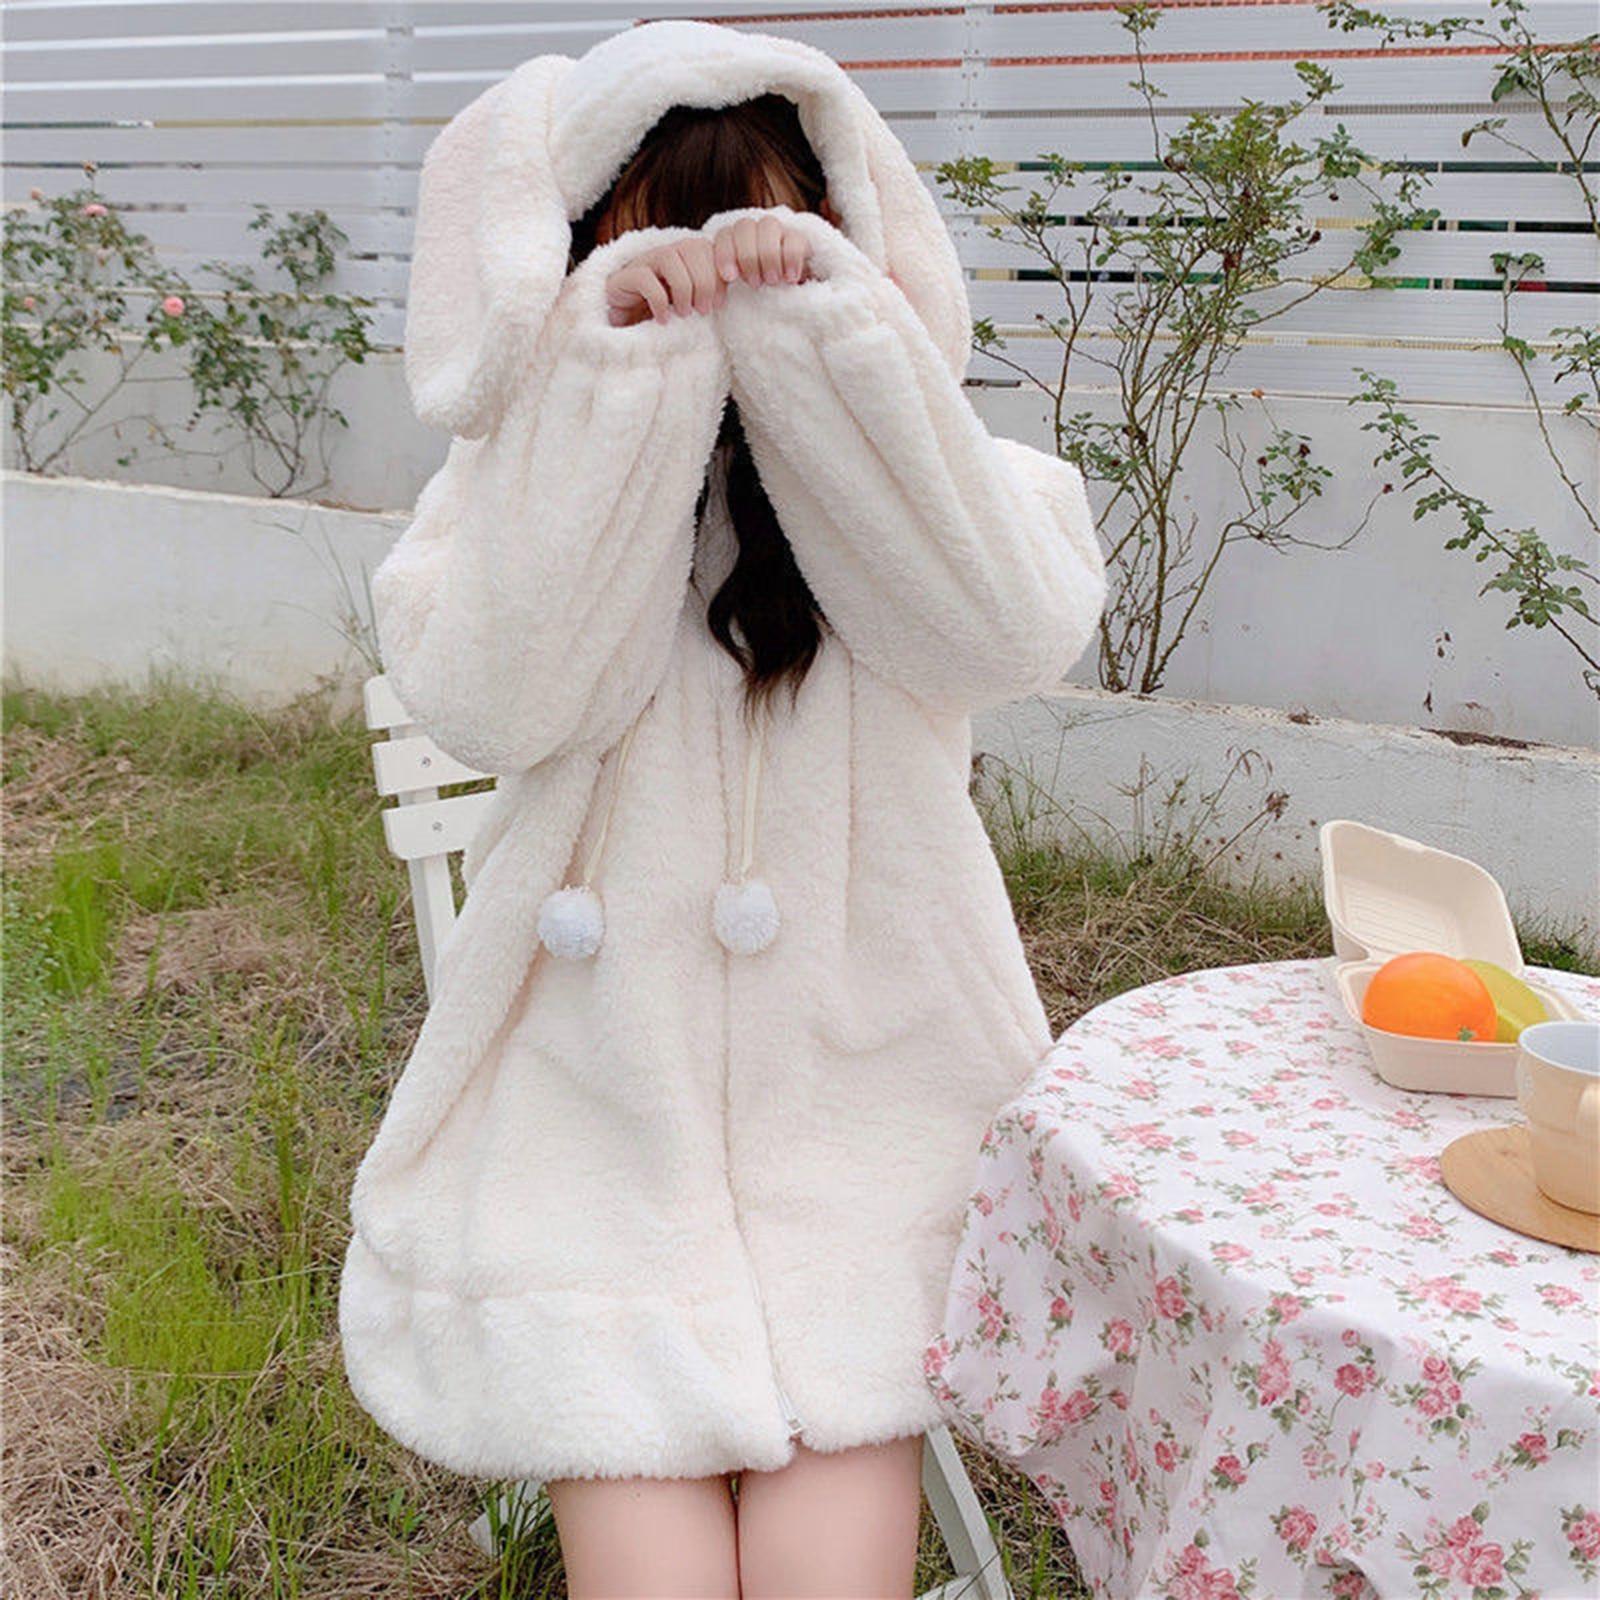 Фото - Women Fall Warm Bunny Ear Hoodie Coat Fuzzy Fluffy Long Sleeve Oversize Rabbit Hooded Zipper Jacket Sweatshirt Kawaii Streetwear fuzzy hooded jacket